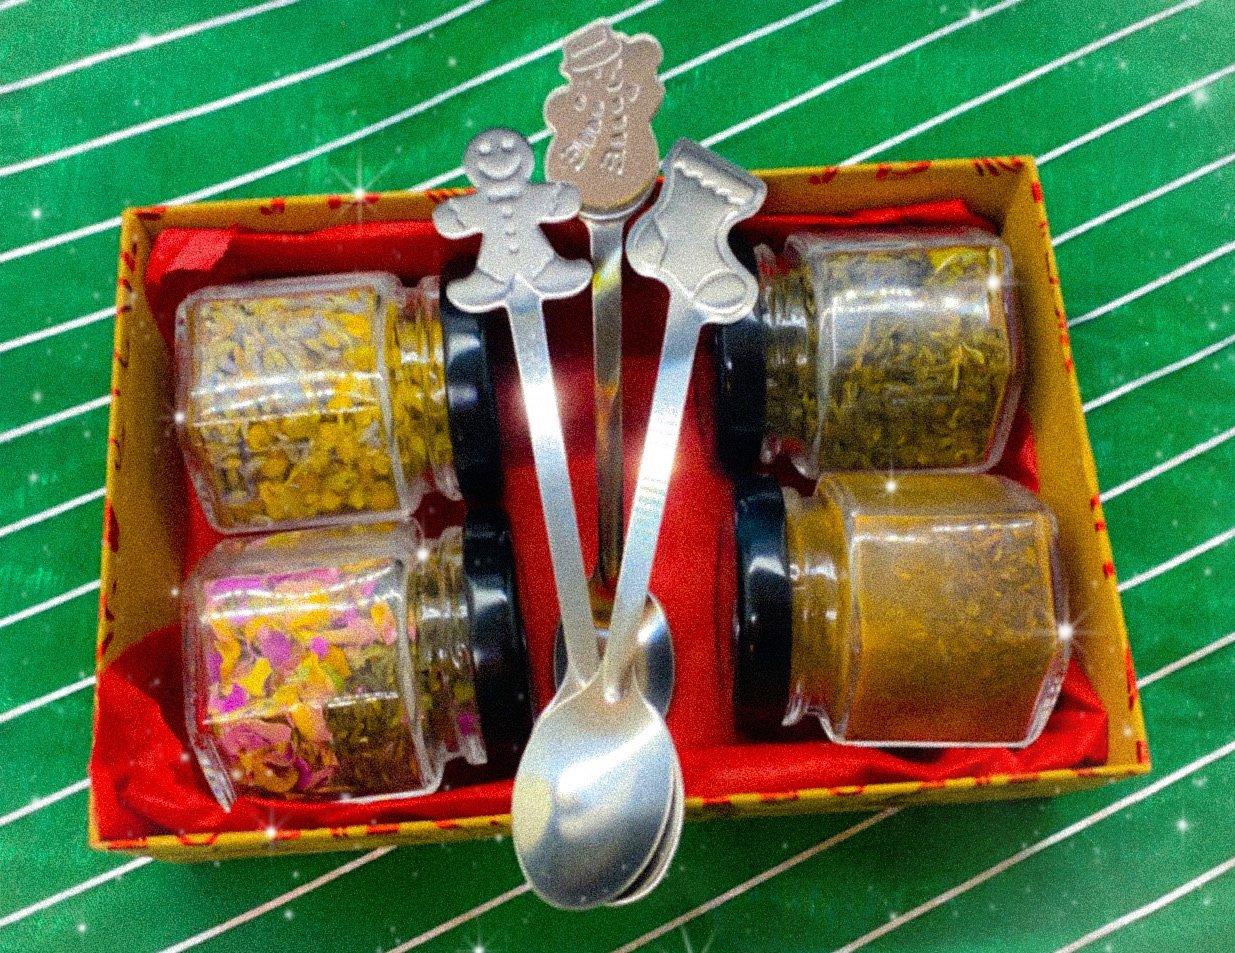 Image of herbal tea sampler sets